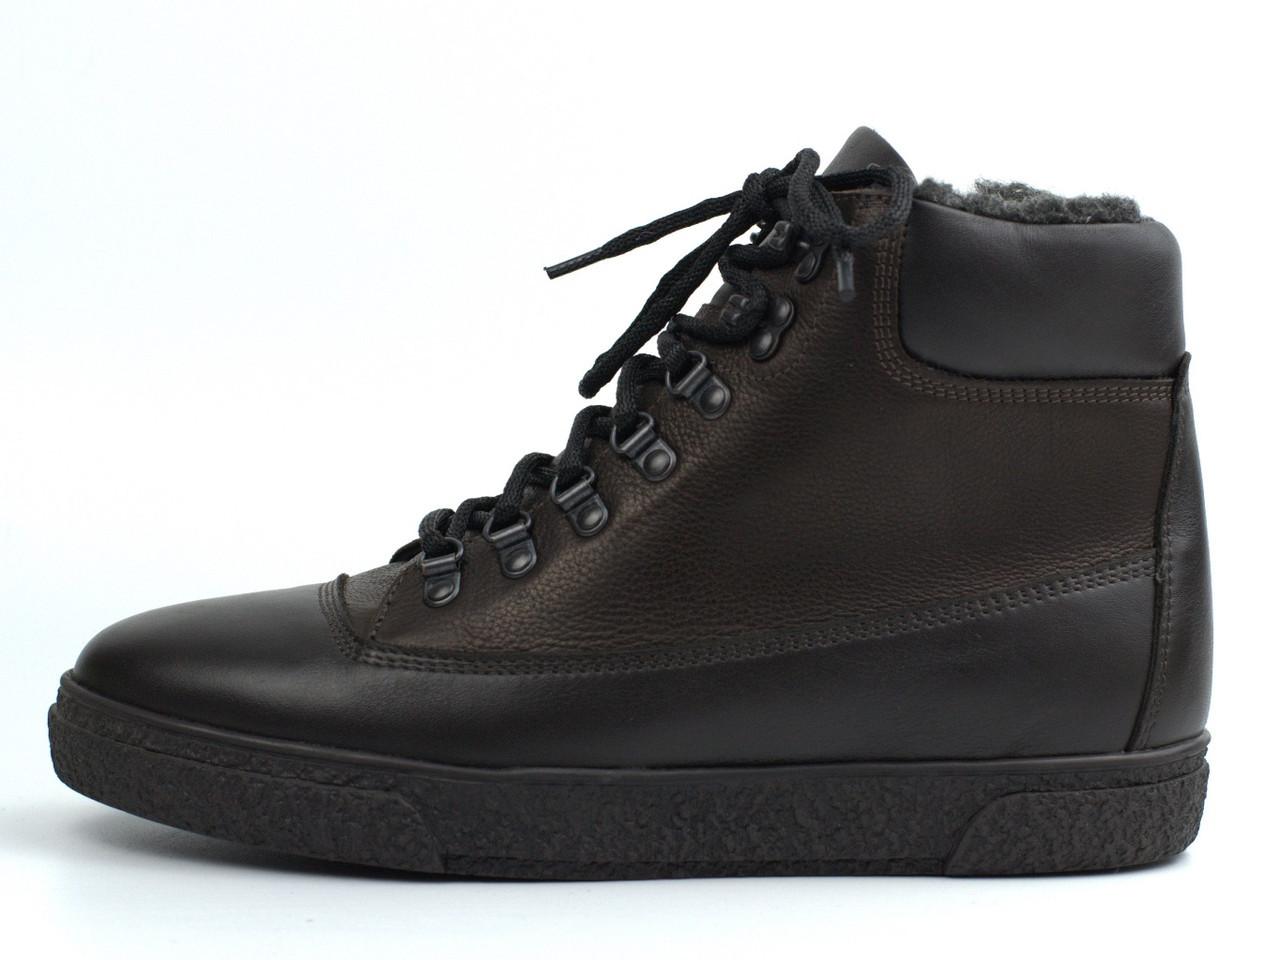 Мужские полуботинки на флисе кожаные коричневые обувь больших размеров Rosso Avangard Taiga North Lion BS